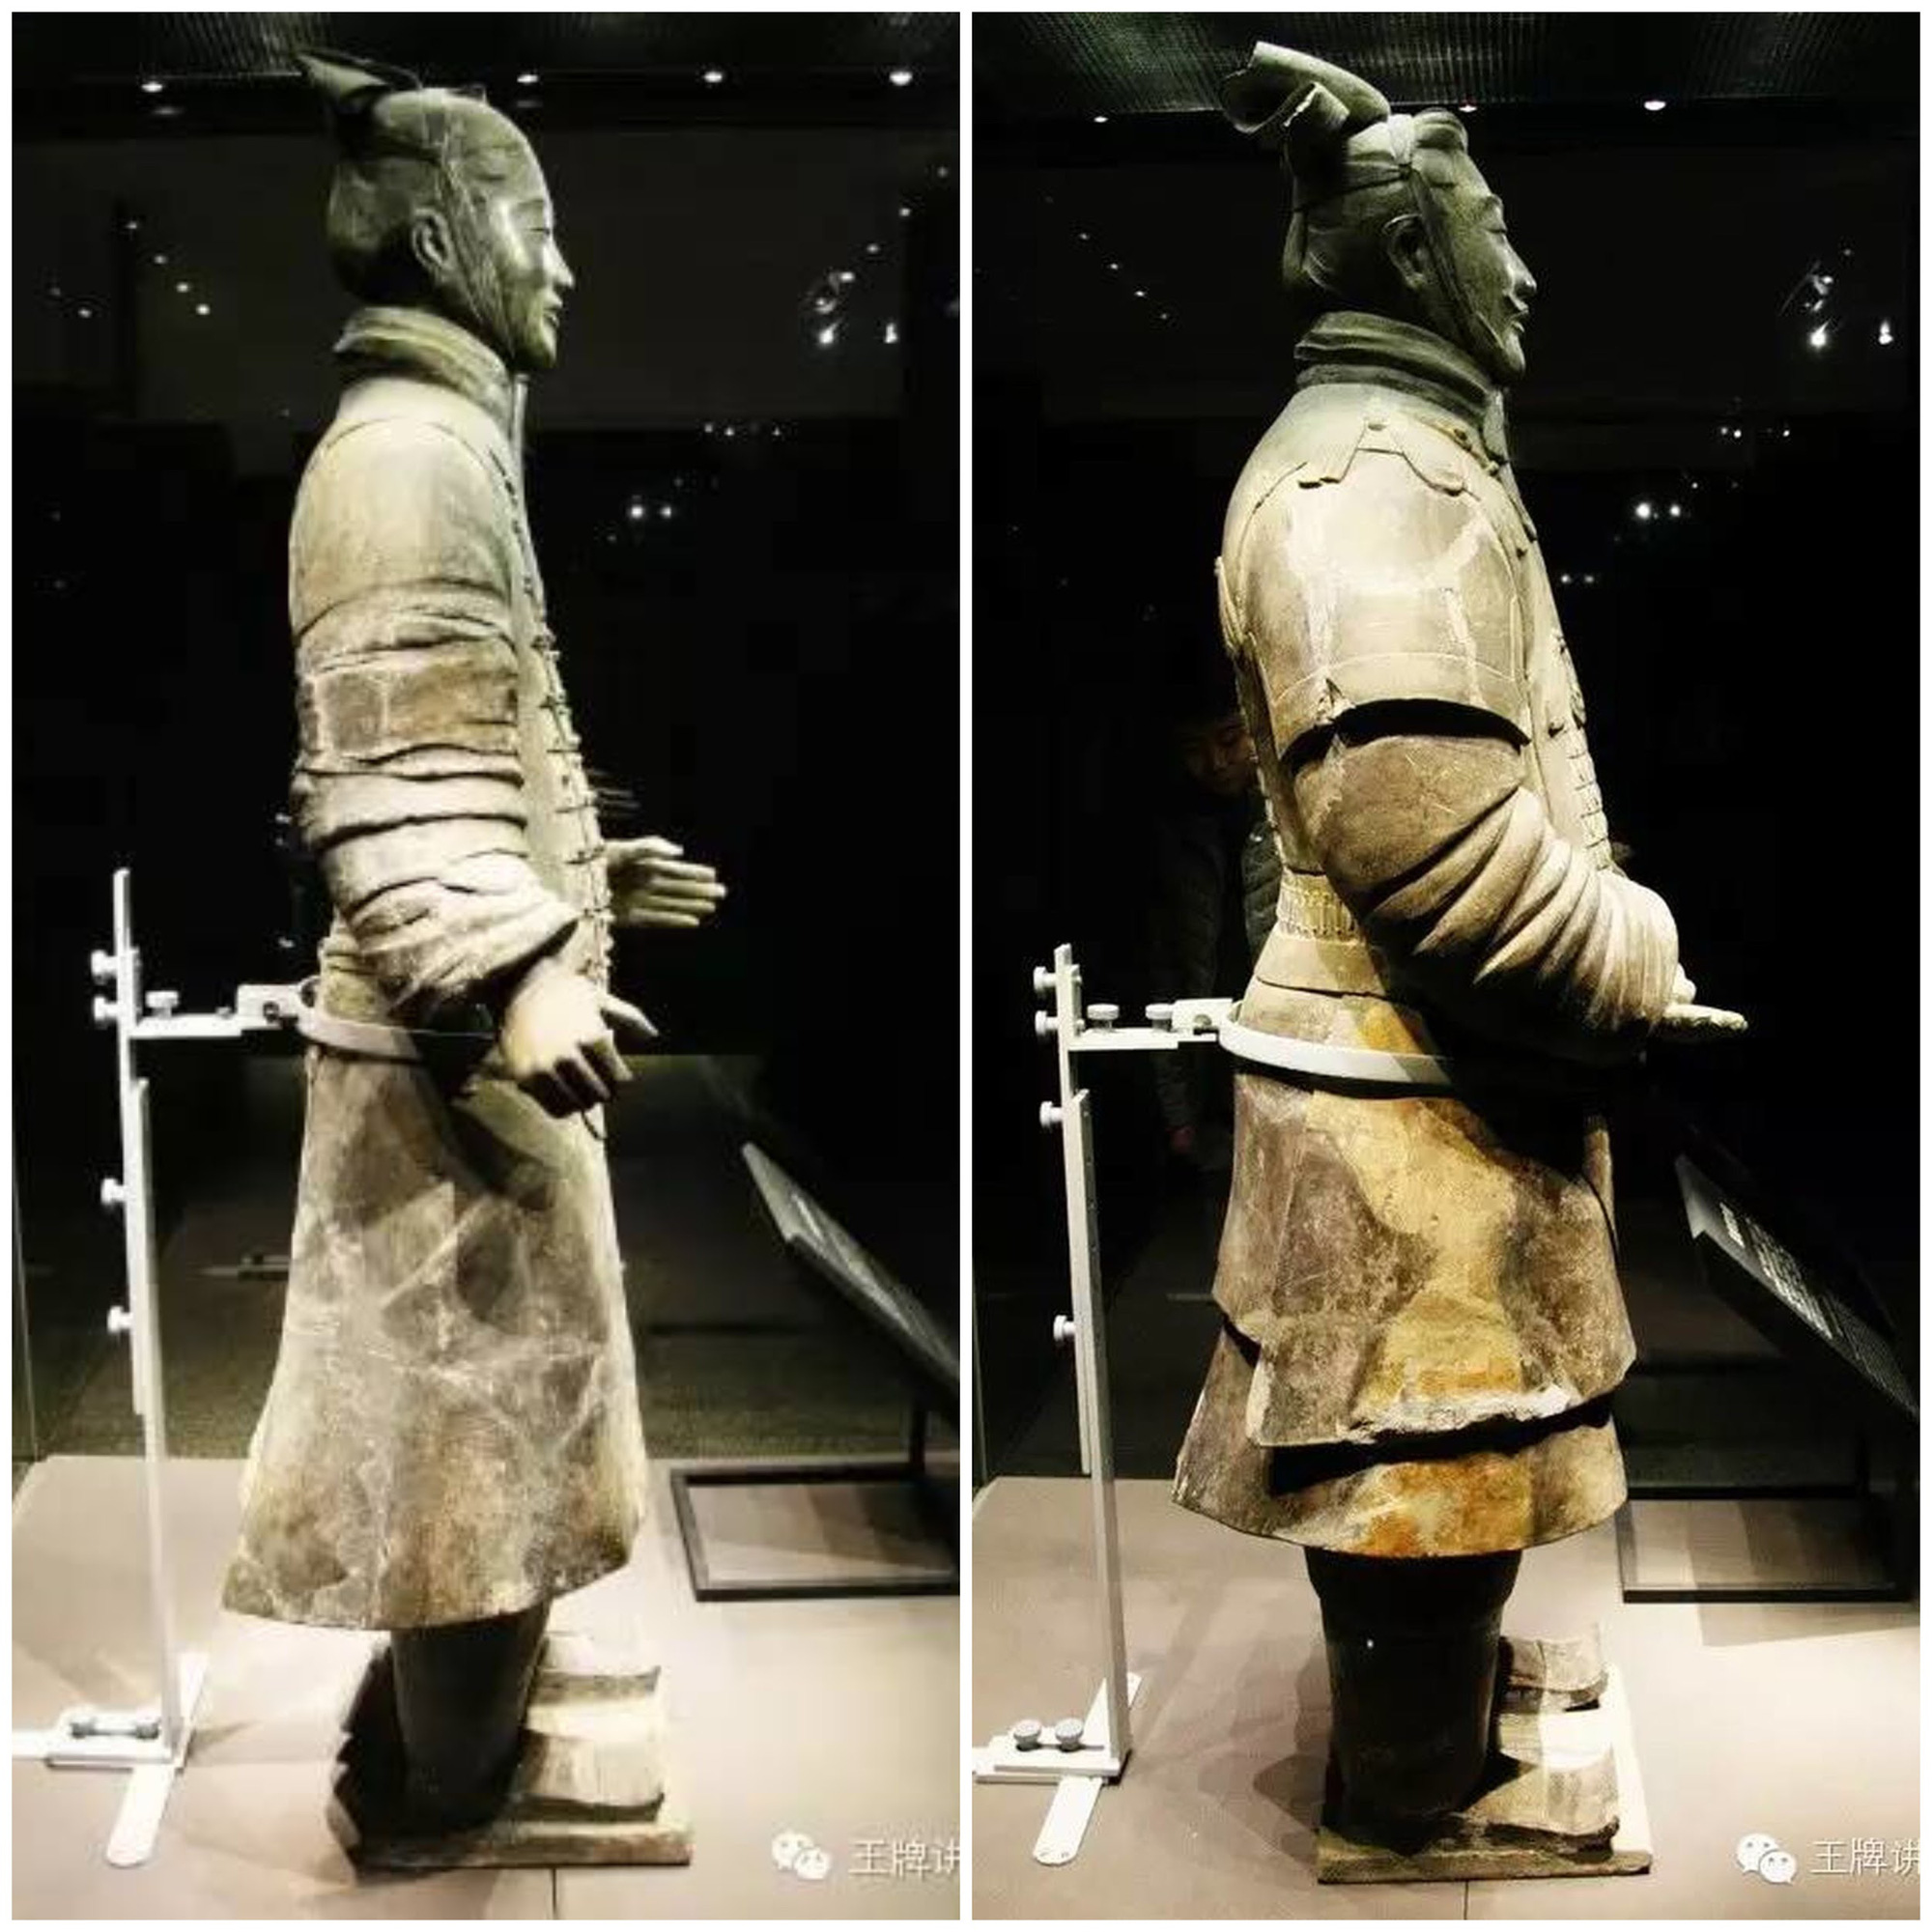 Tượng binh mã trong lăng mộ Tần Thủy Hoàng: Mọi gương mặt đều khác nhau? - Ảnh 4.